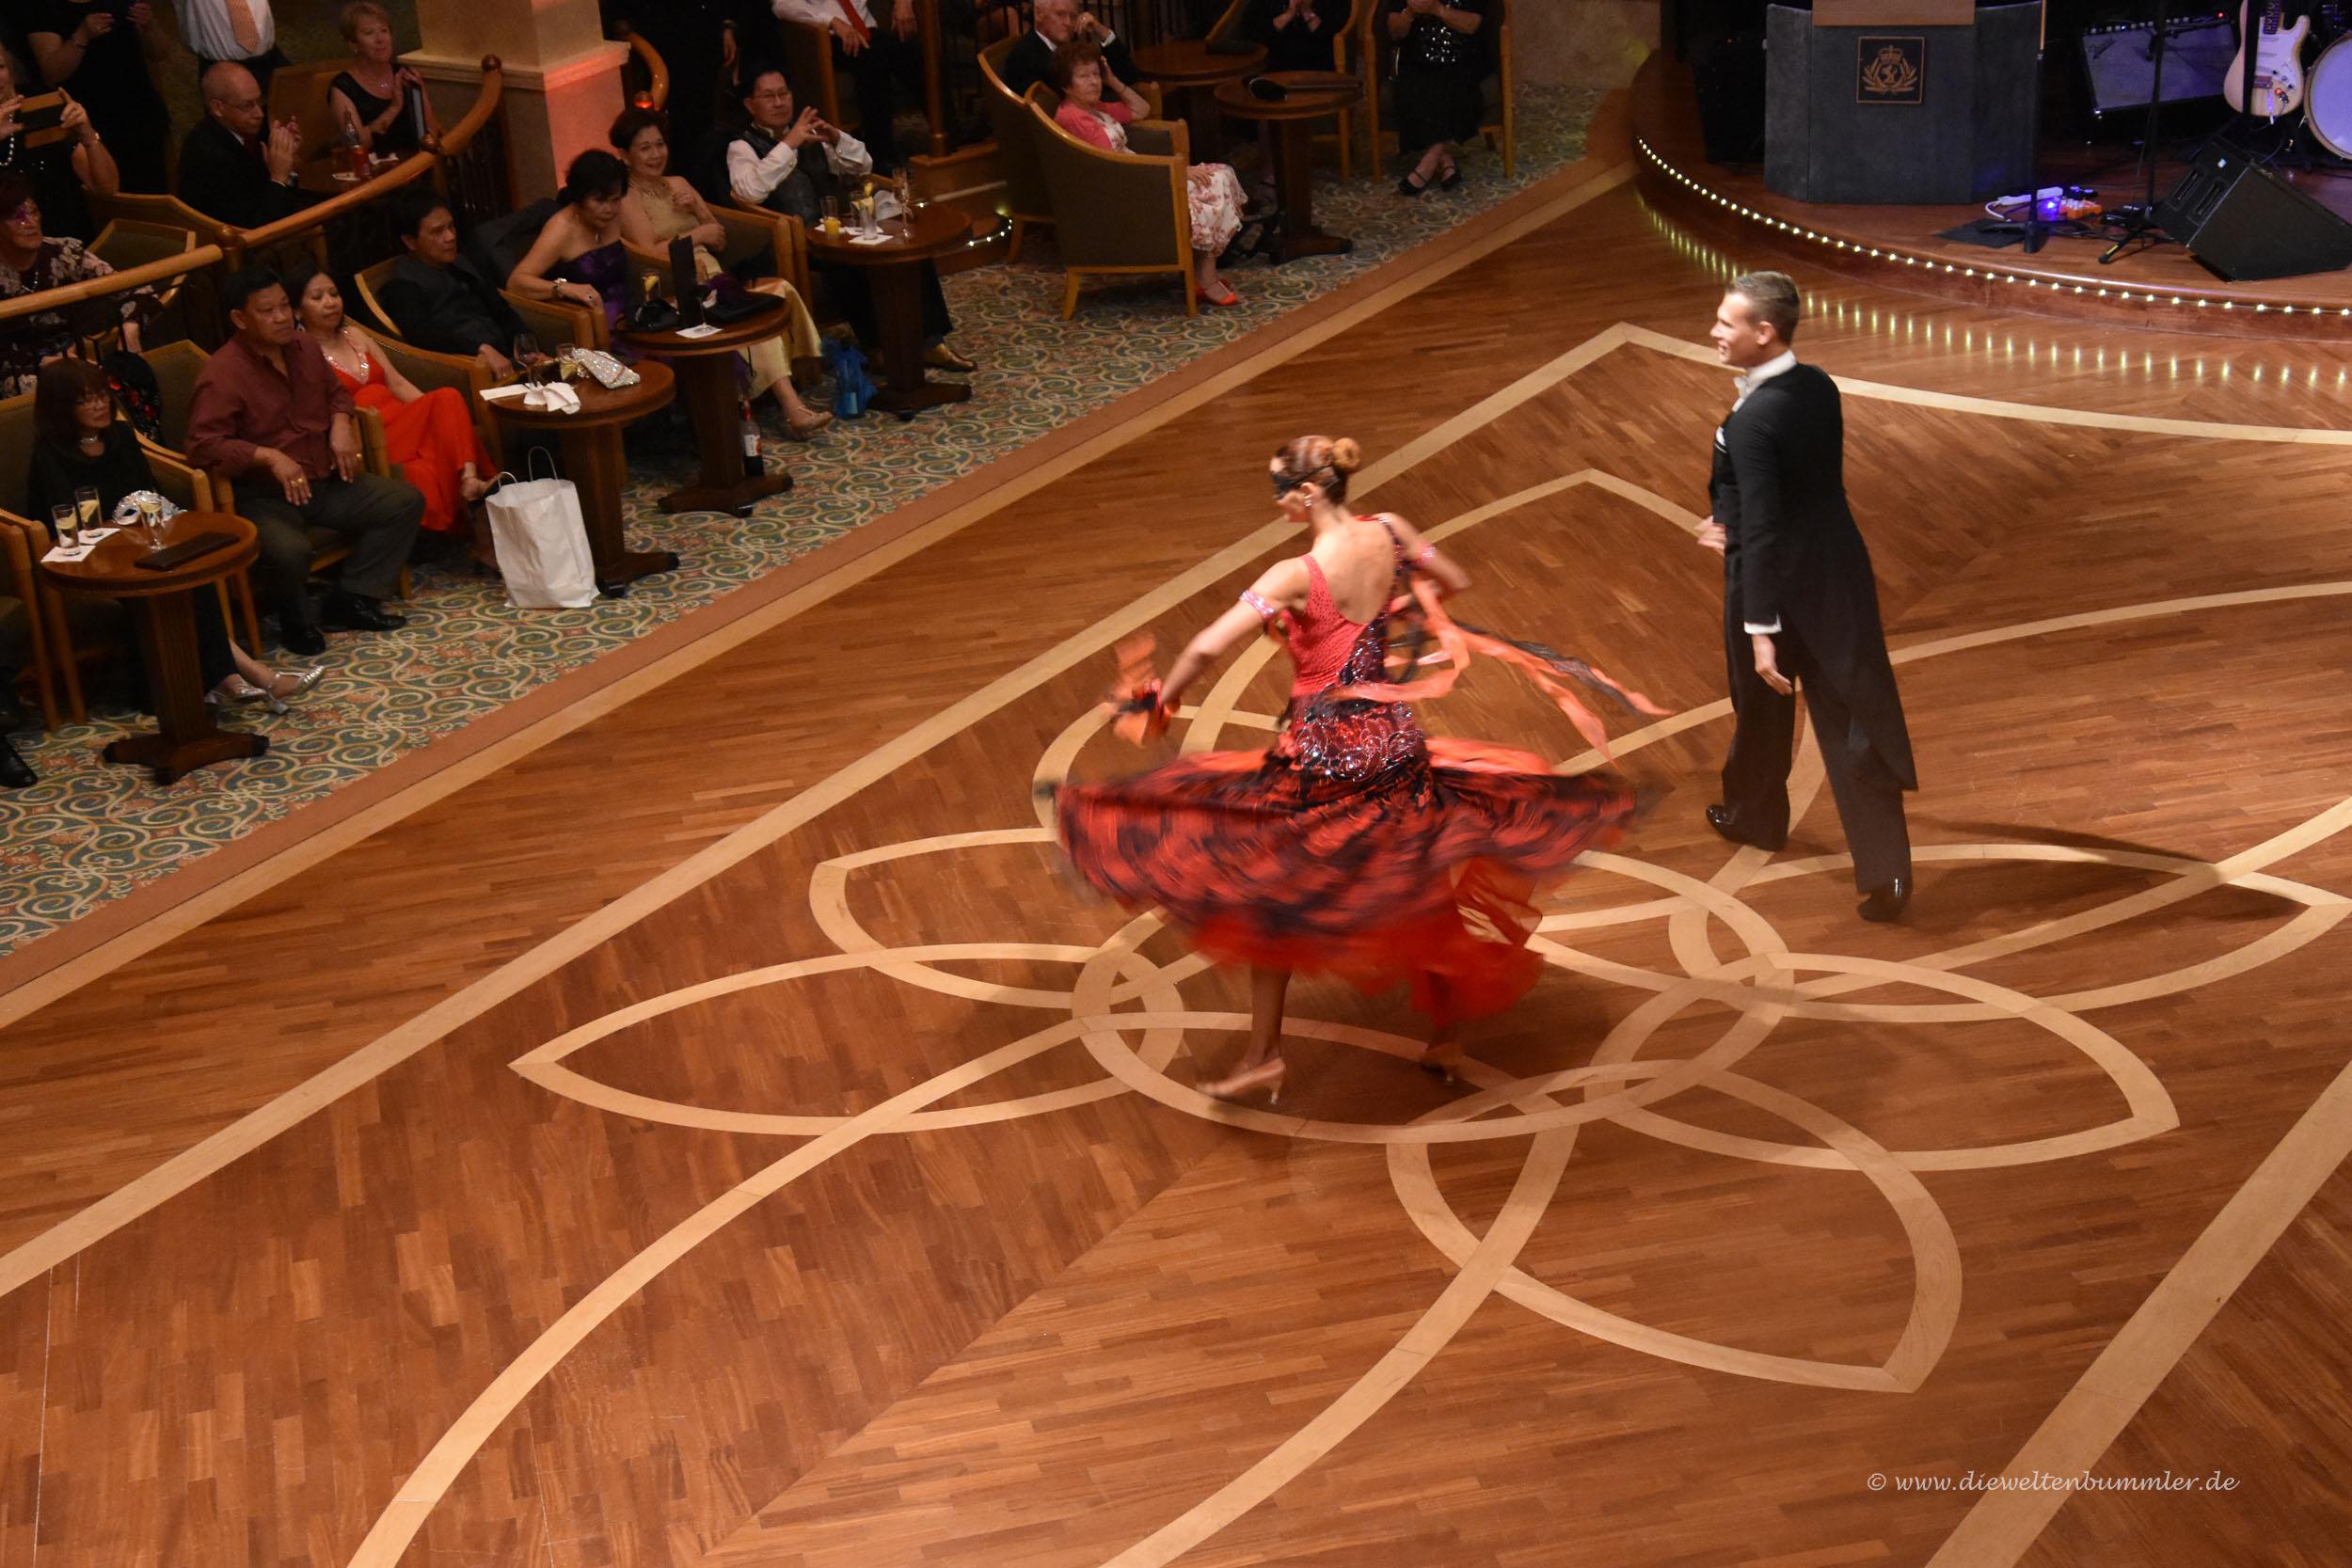 Professionelle Tänzer aus der Ukraine